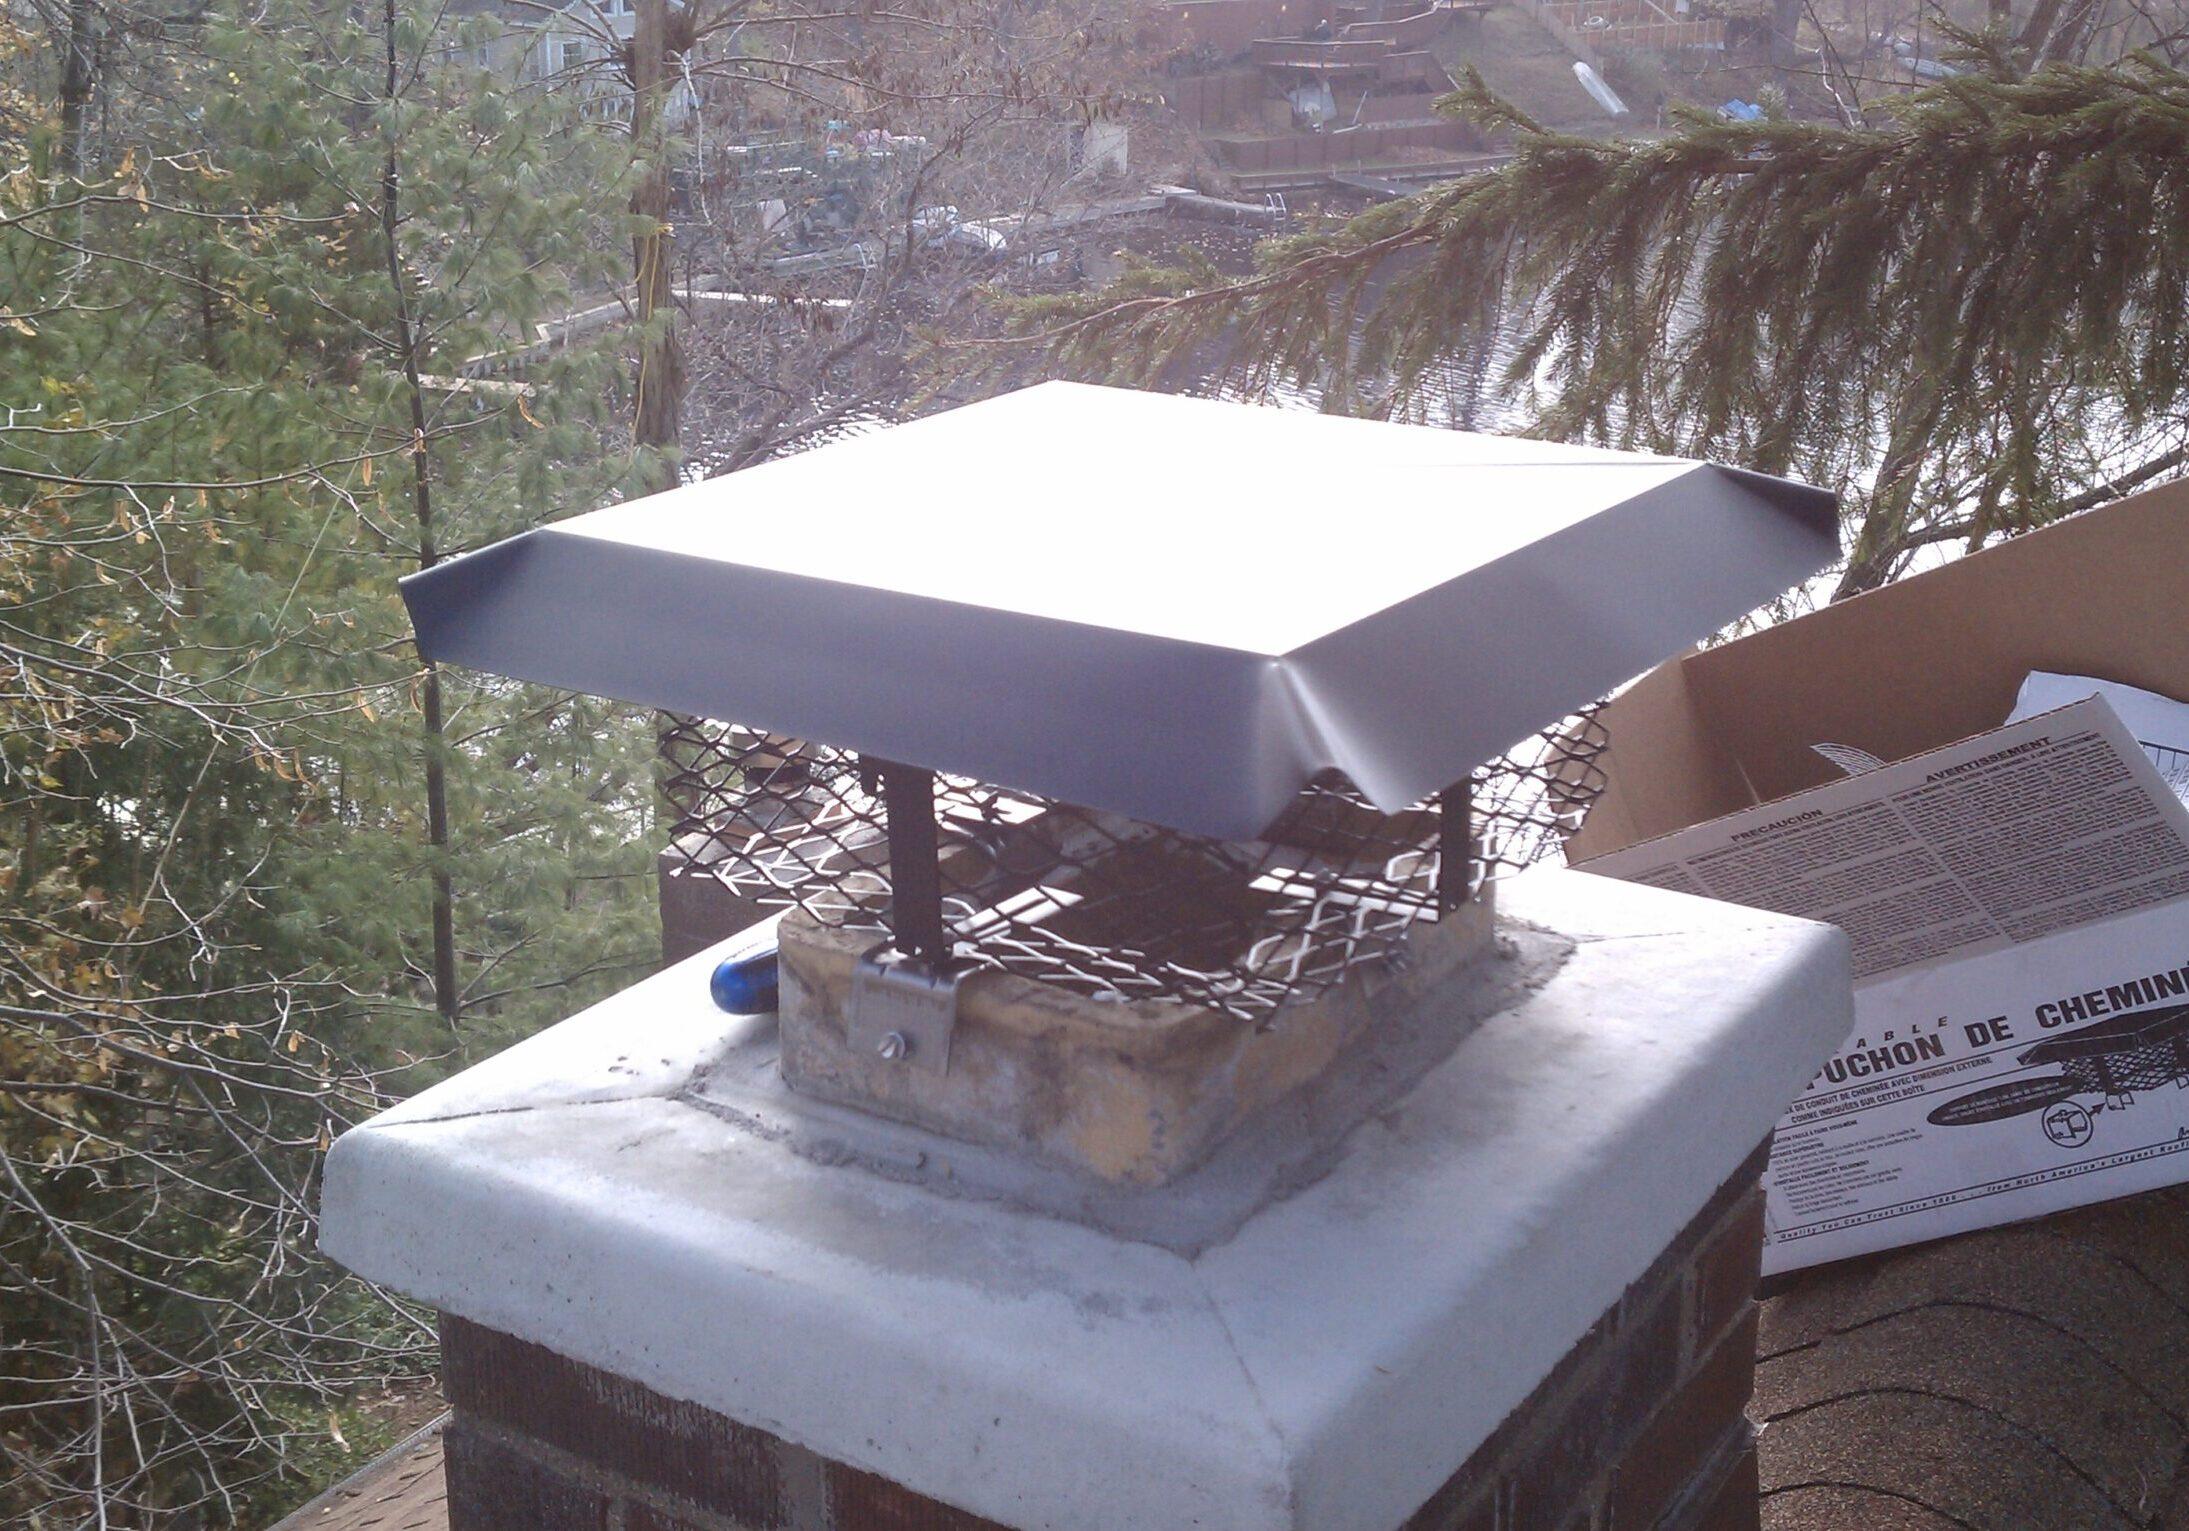 Chimney caps for wildlife prevention